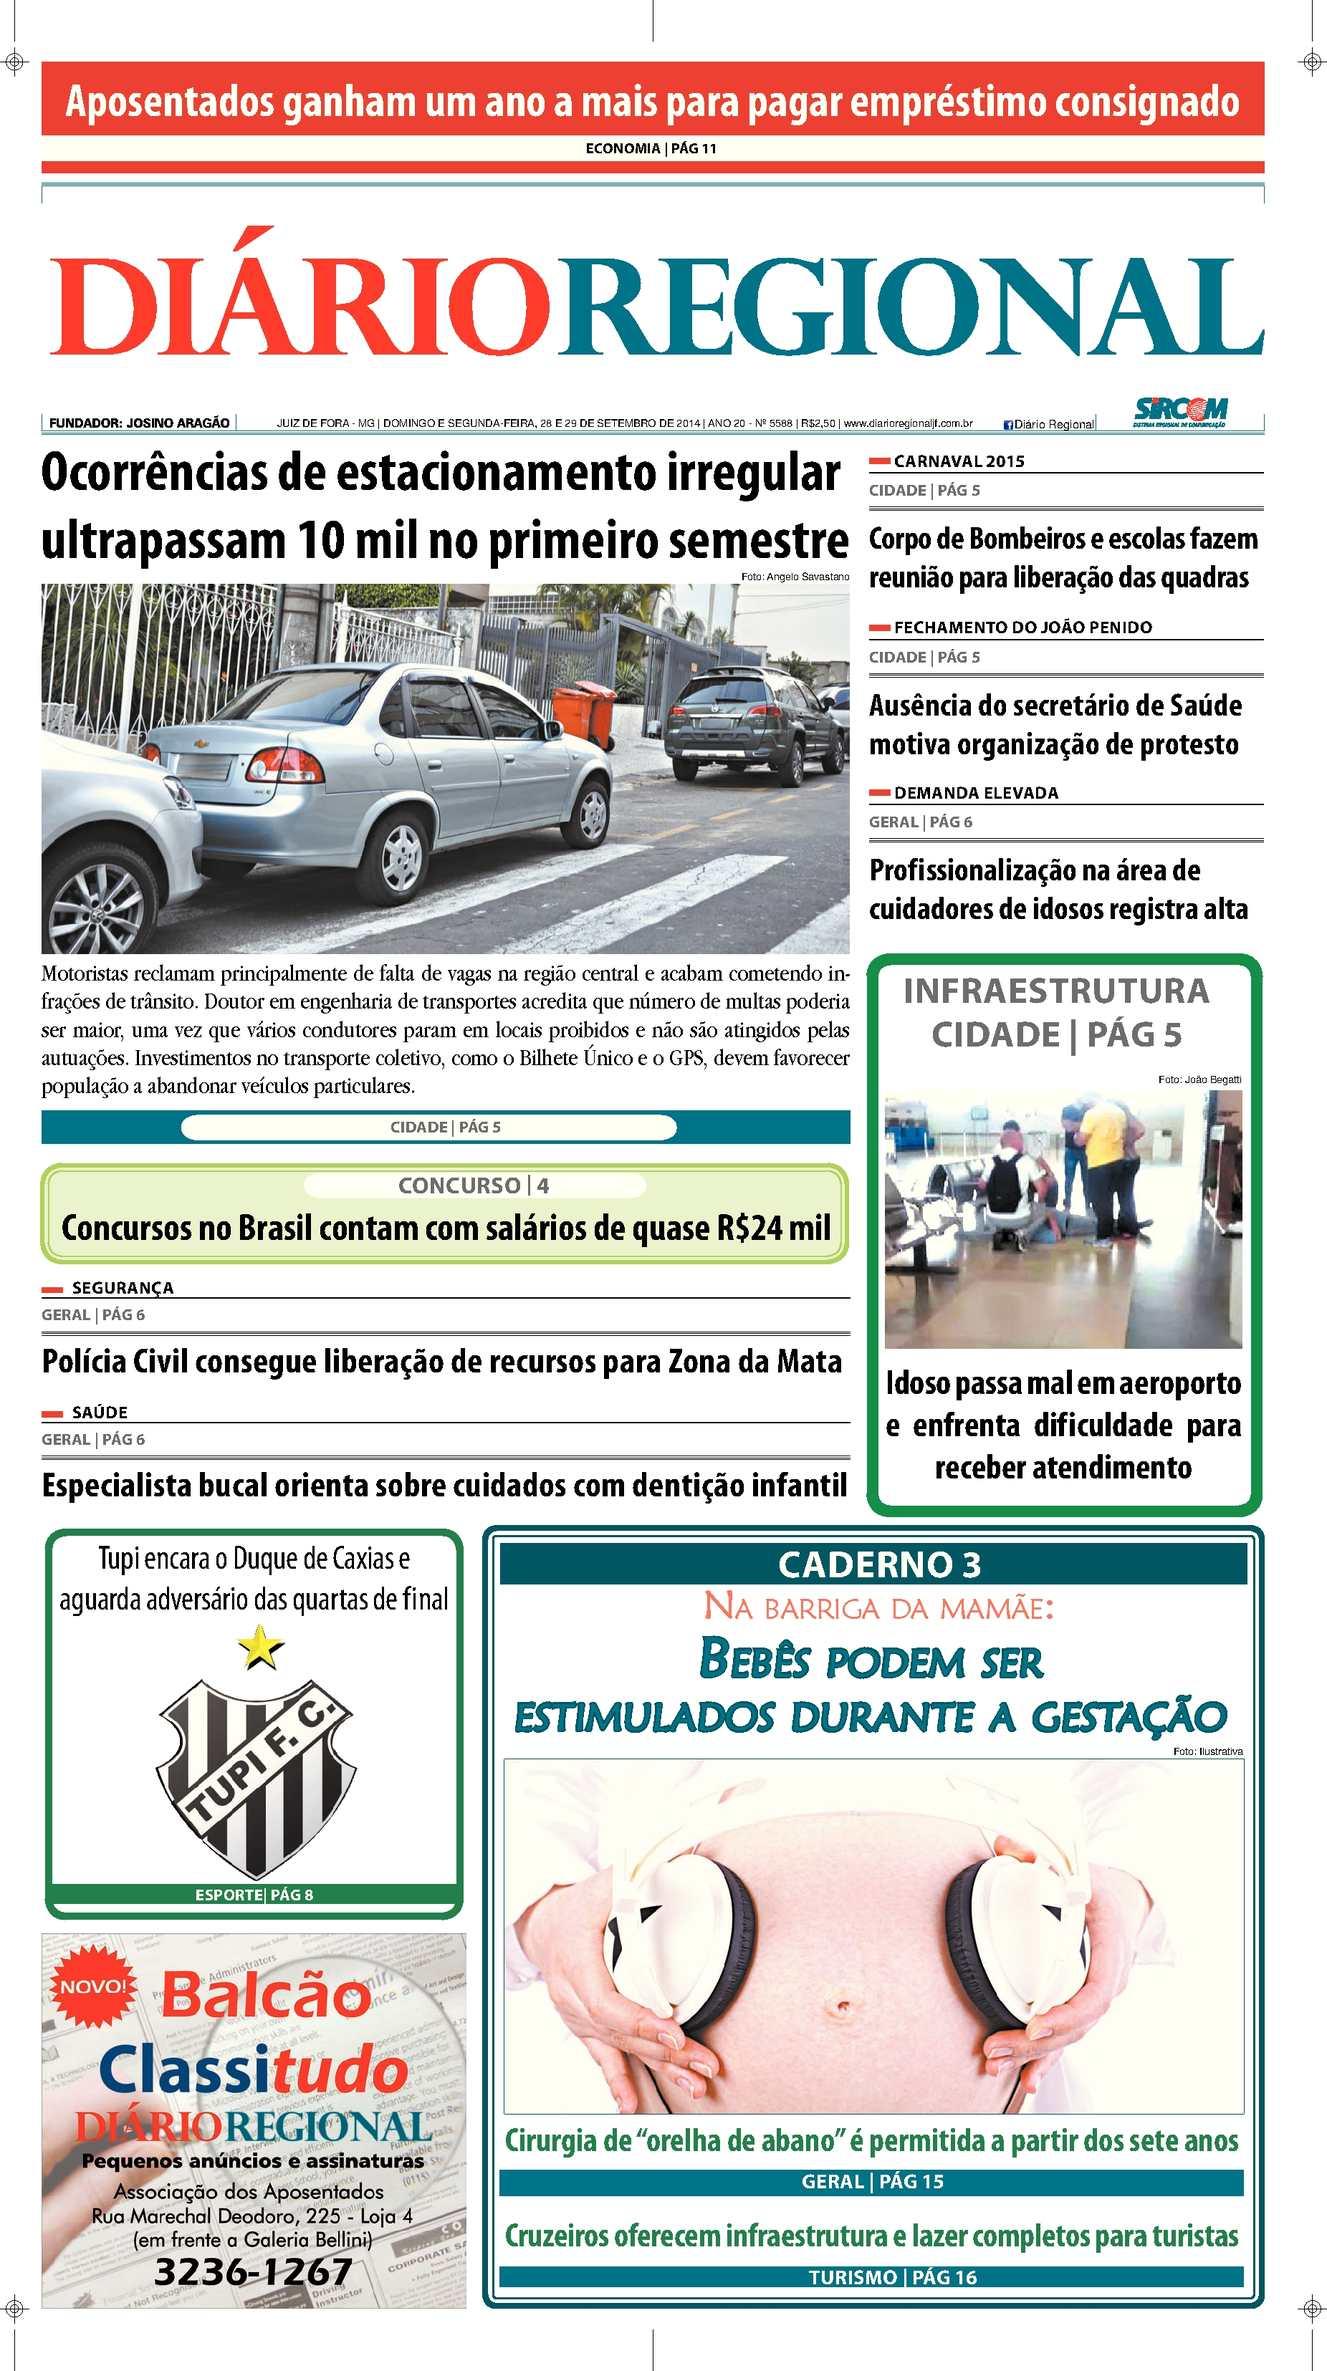 Calaméo - Edição 28 e 29 09 2014 aeaa9cbcb5470